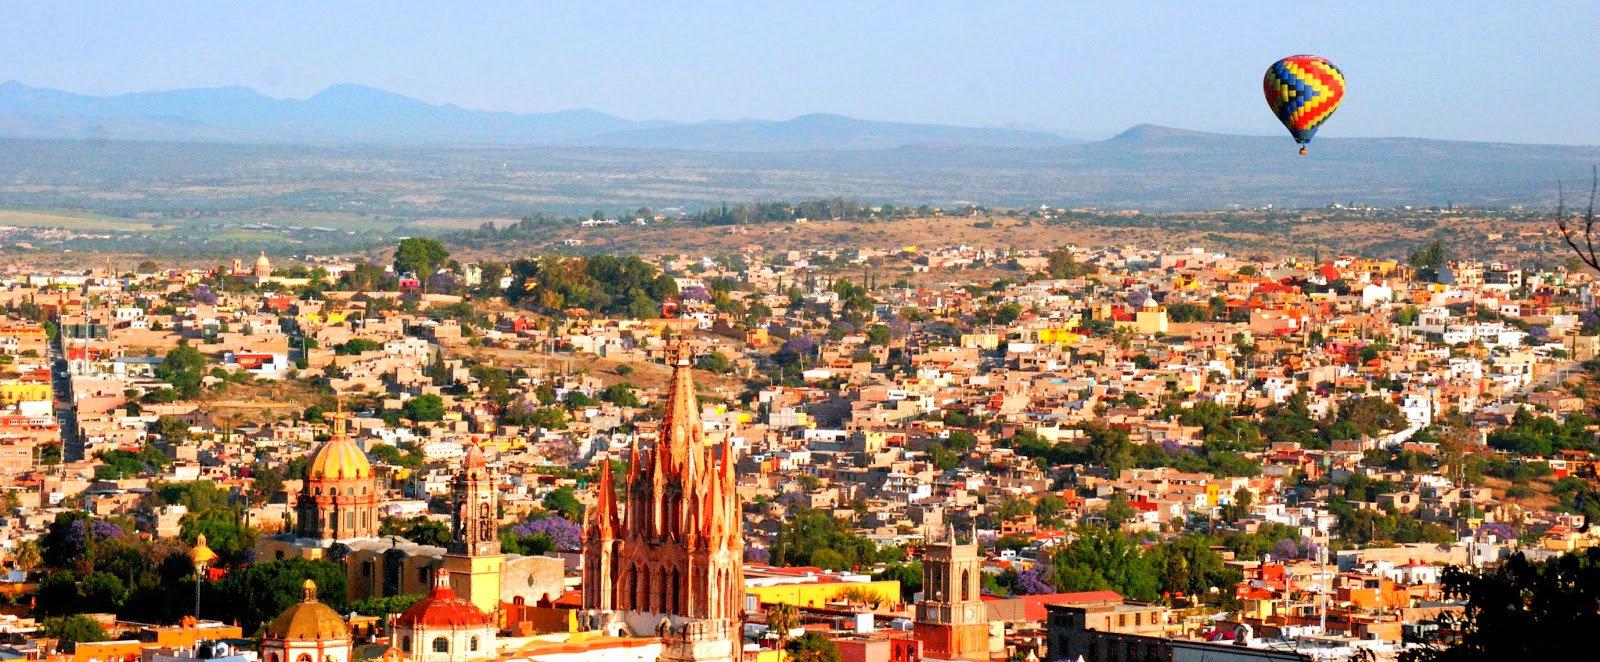 San Miguel City Tour